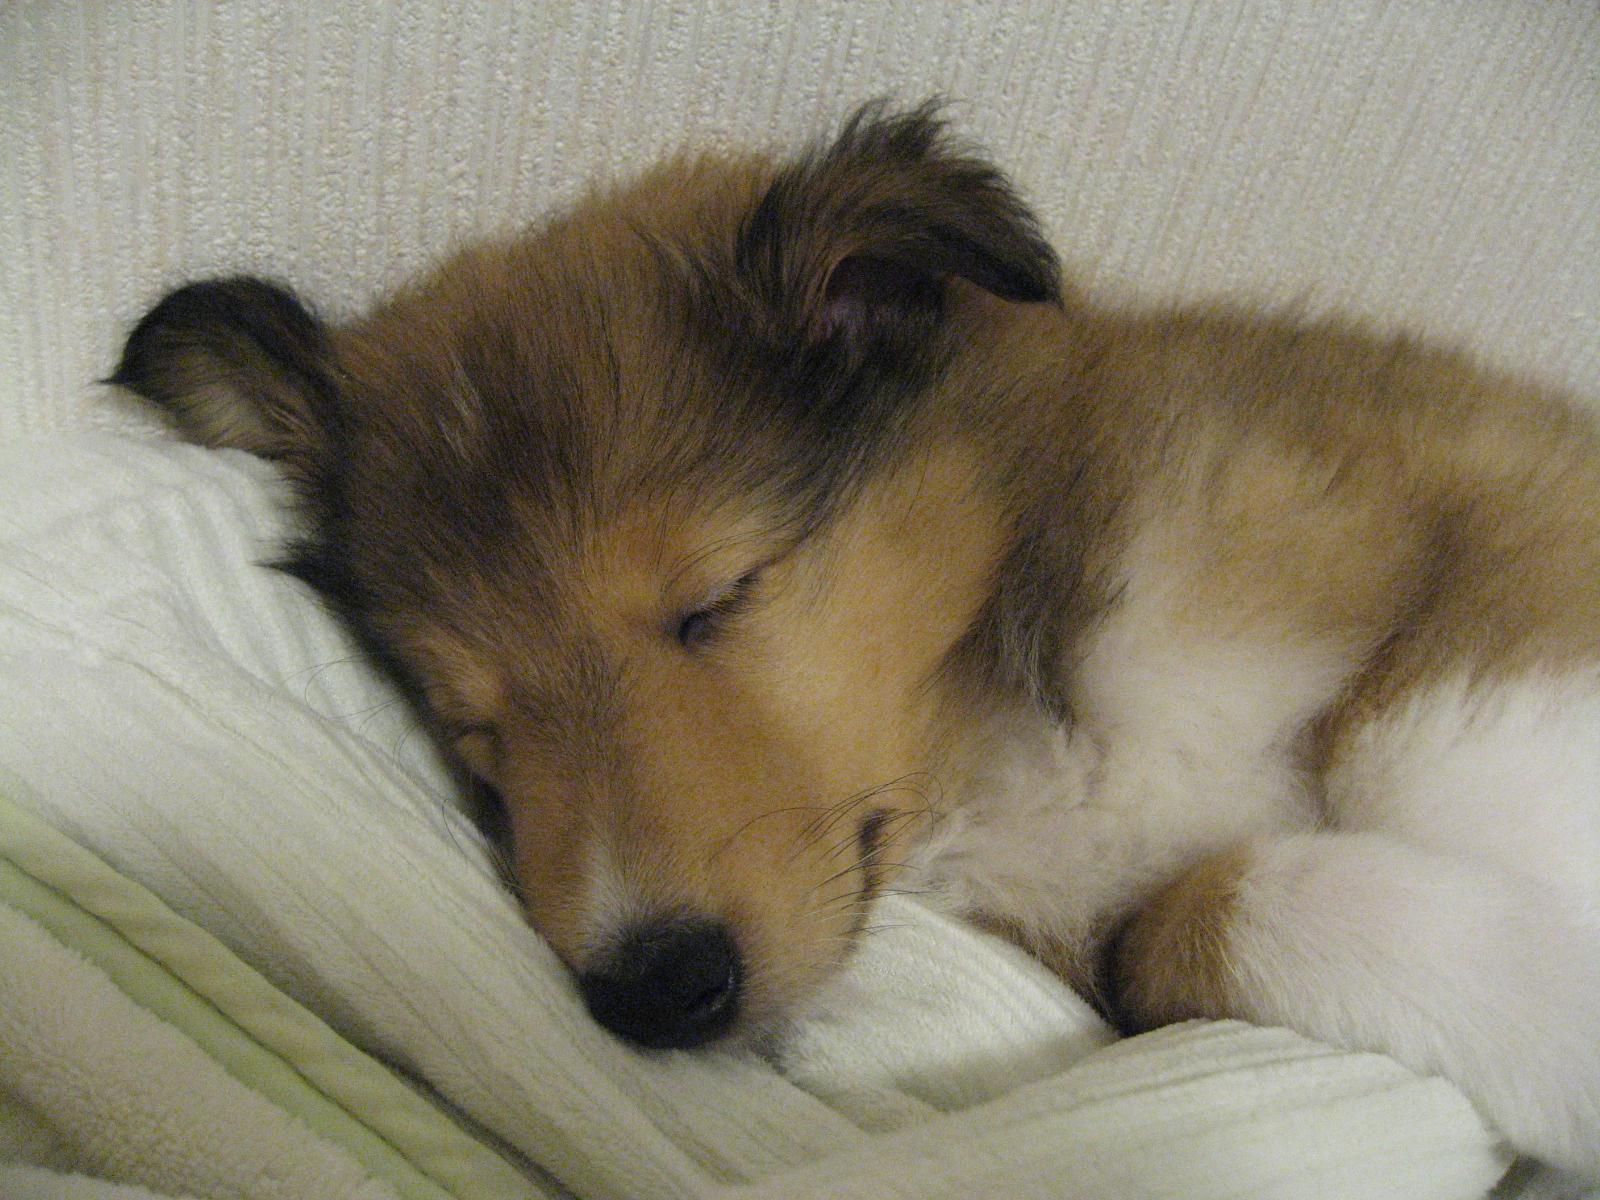 http://www.lucky-dog.jp/weblog/image/IMG_2370.JPG